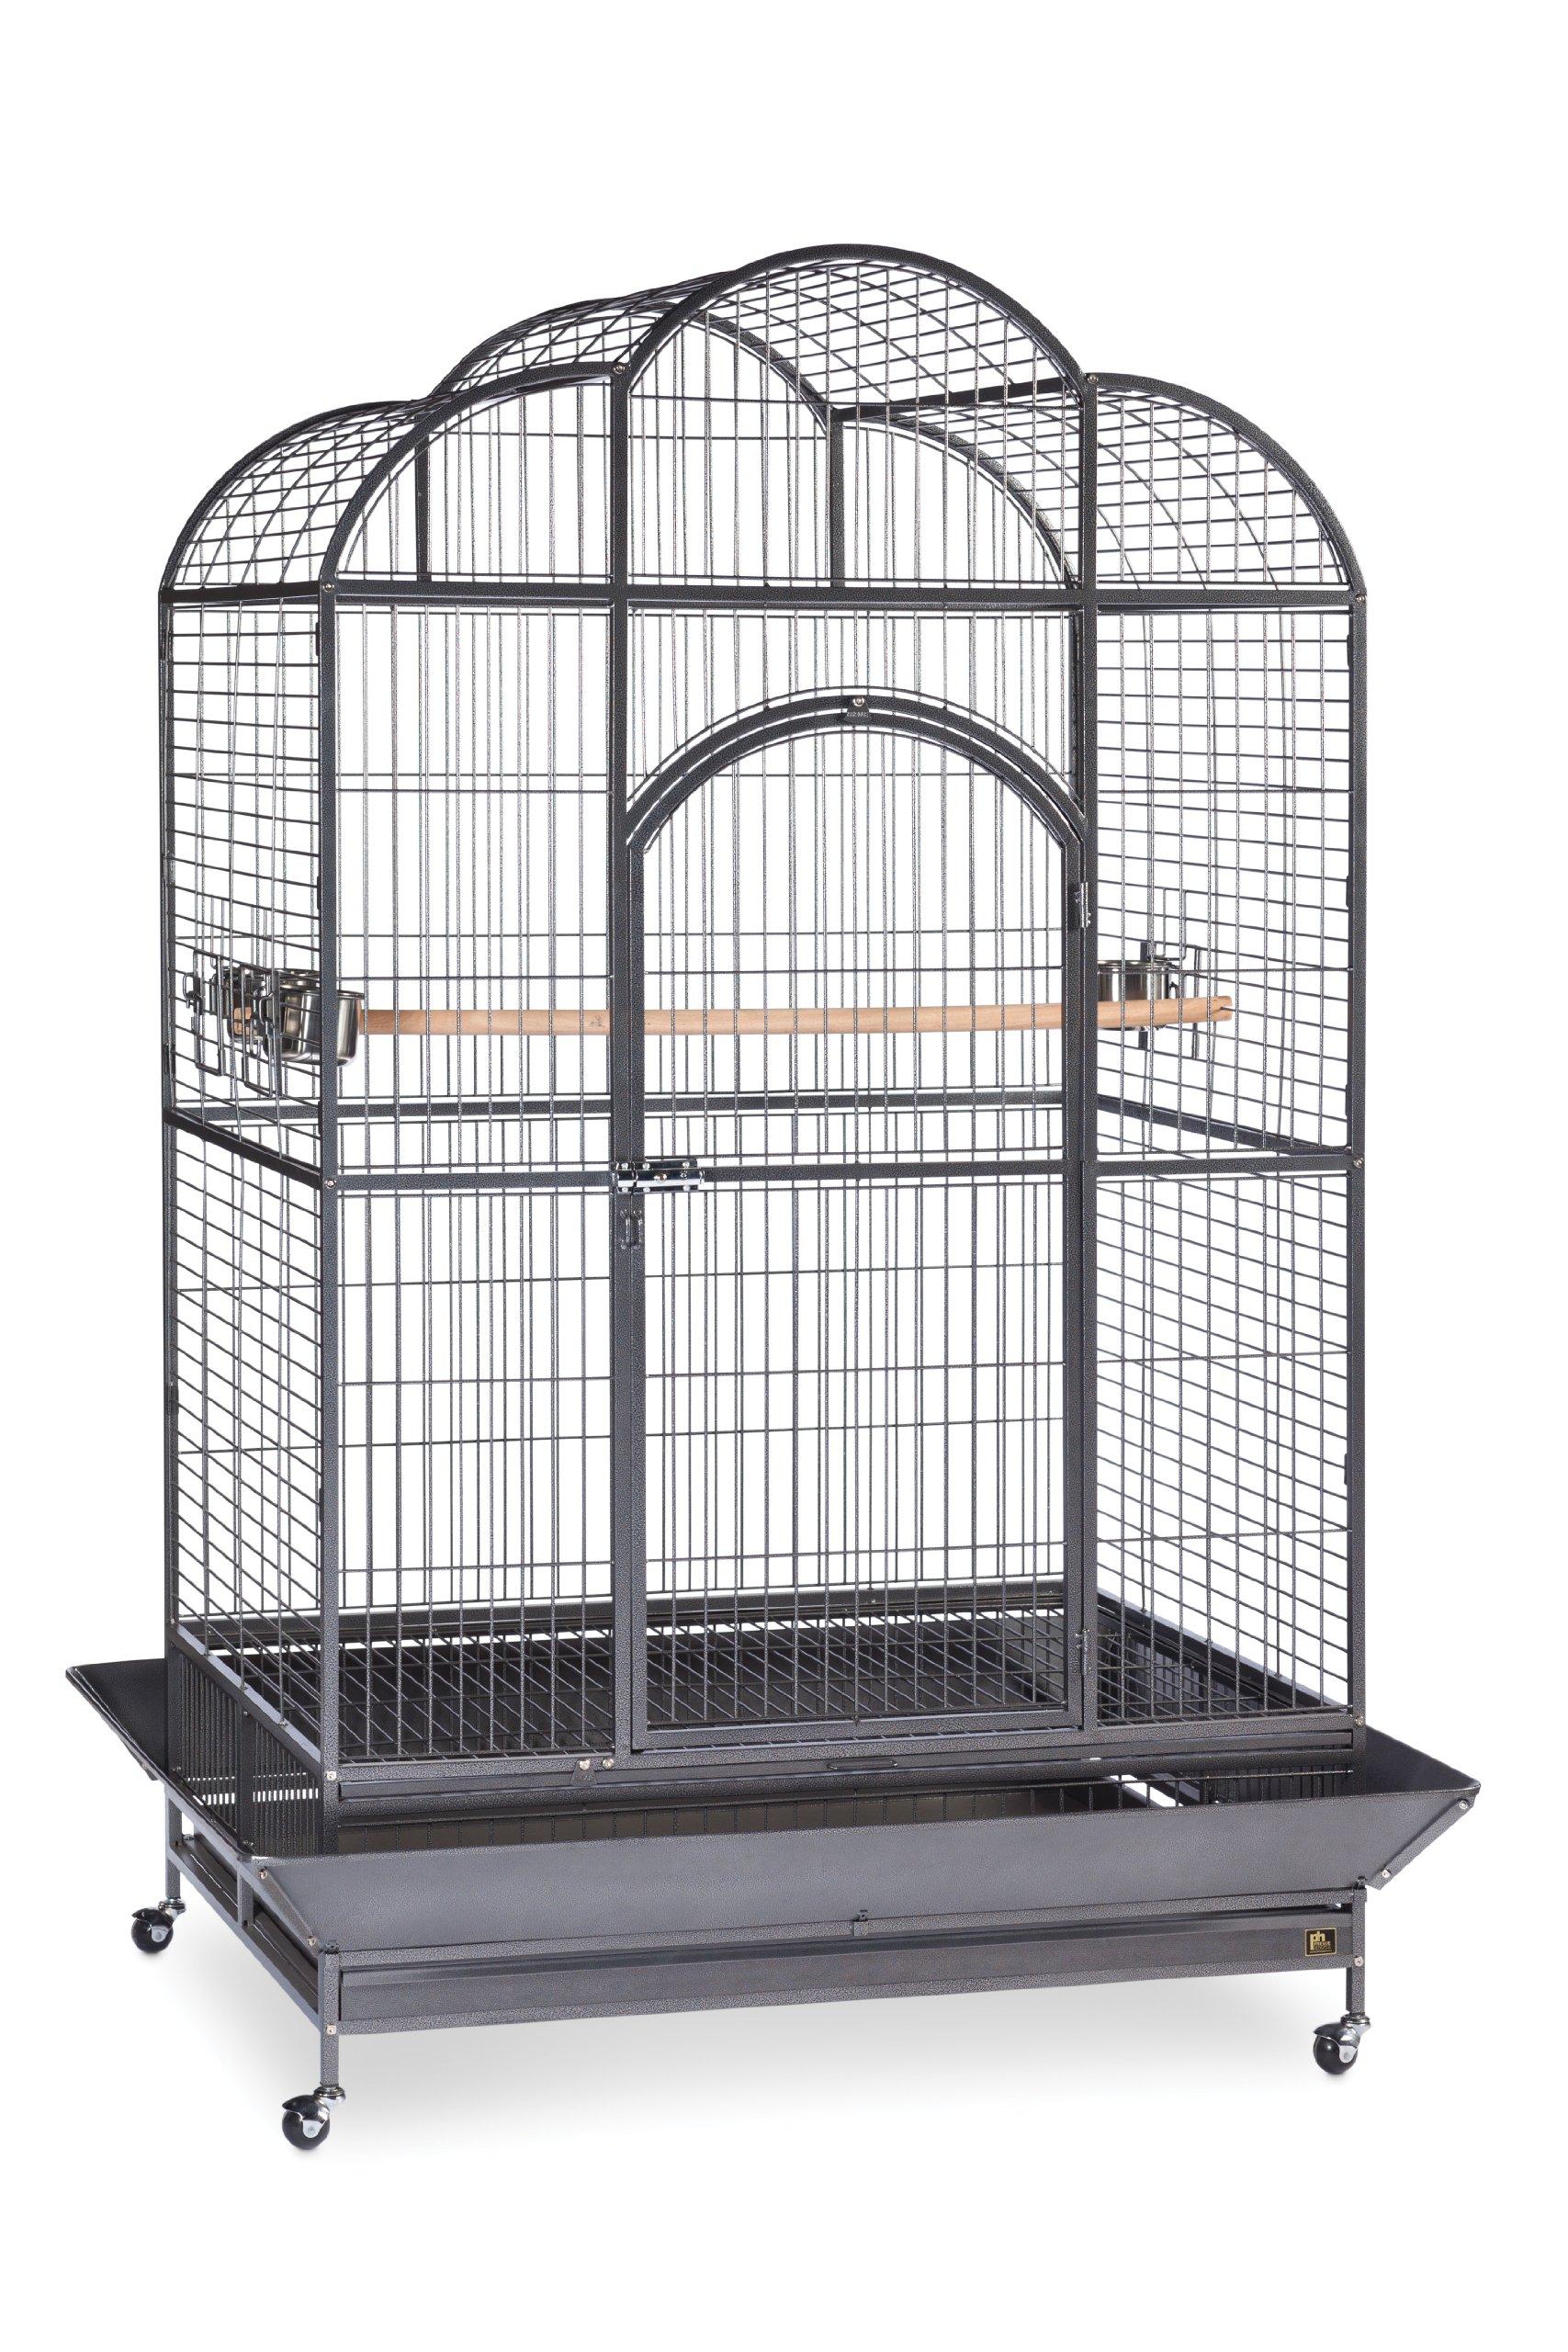 Prevue Hendryx Silverado Macaw Dometop Cage 3155S Silverado 46-Inch by 36-Inch by 78-1/4-Inch by Prevue Hendryx